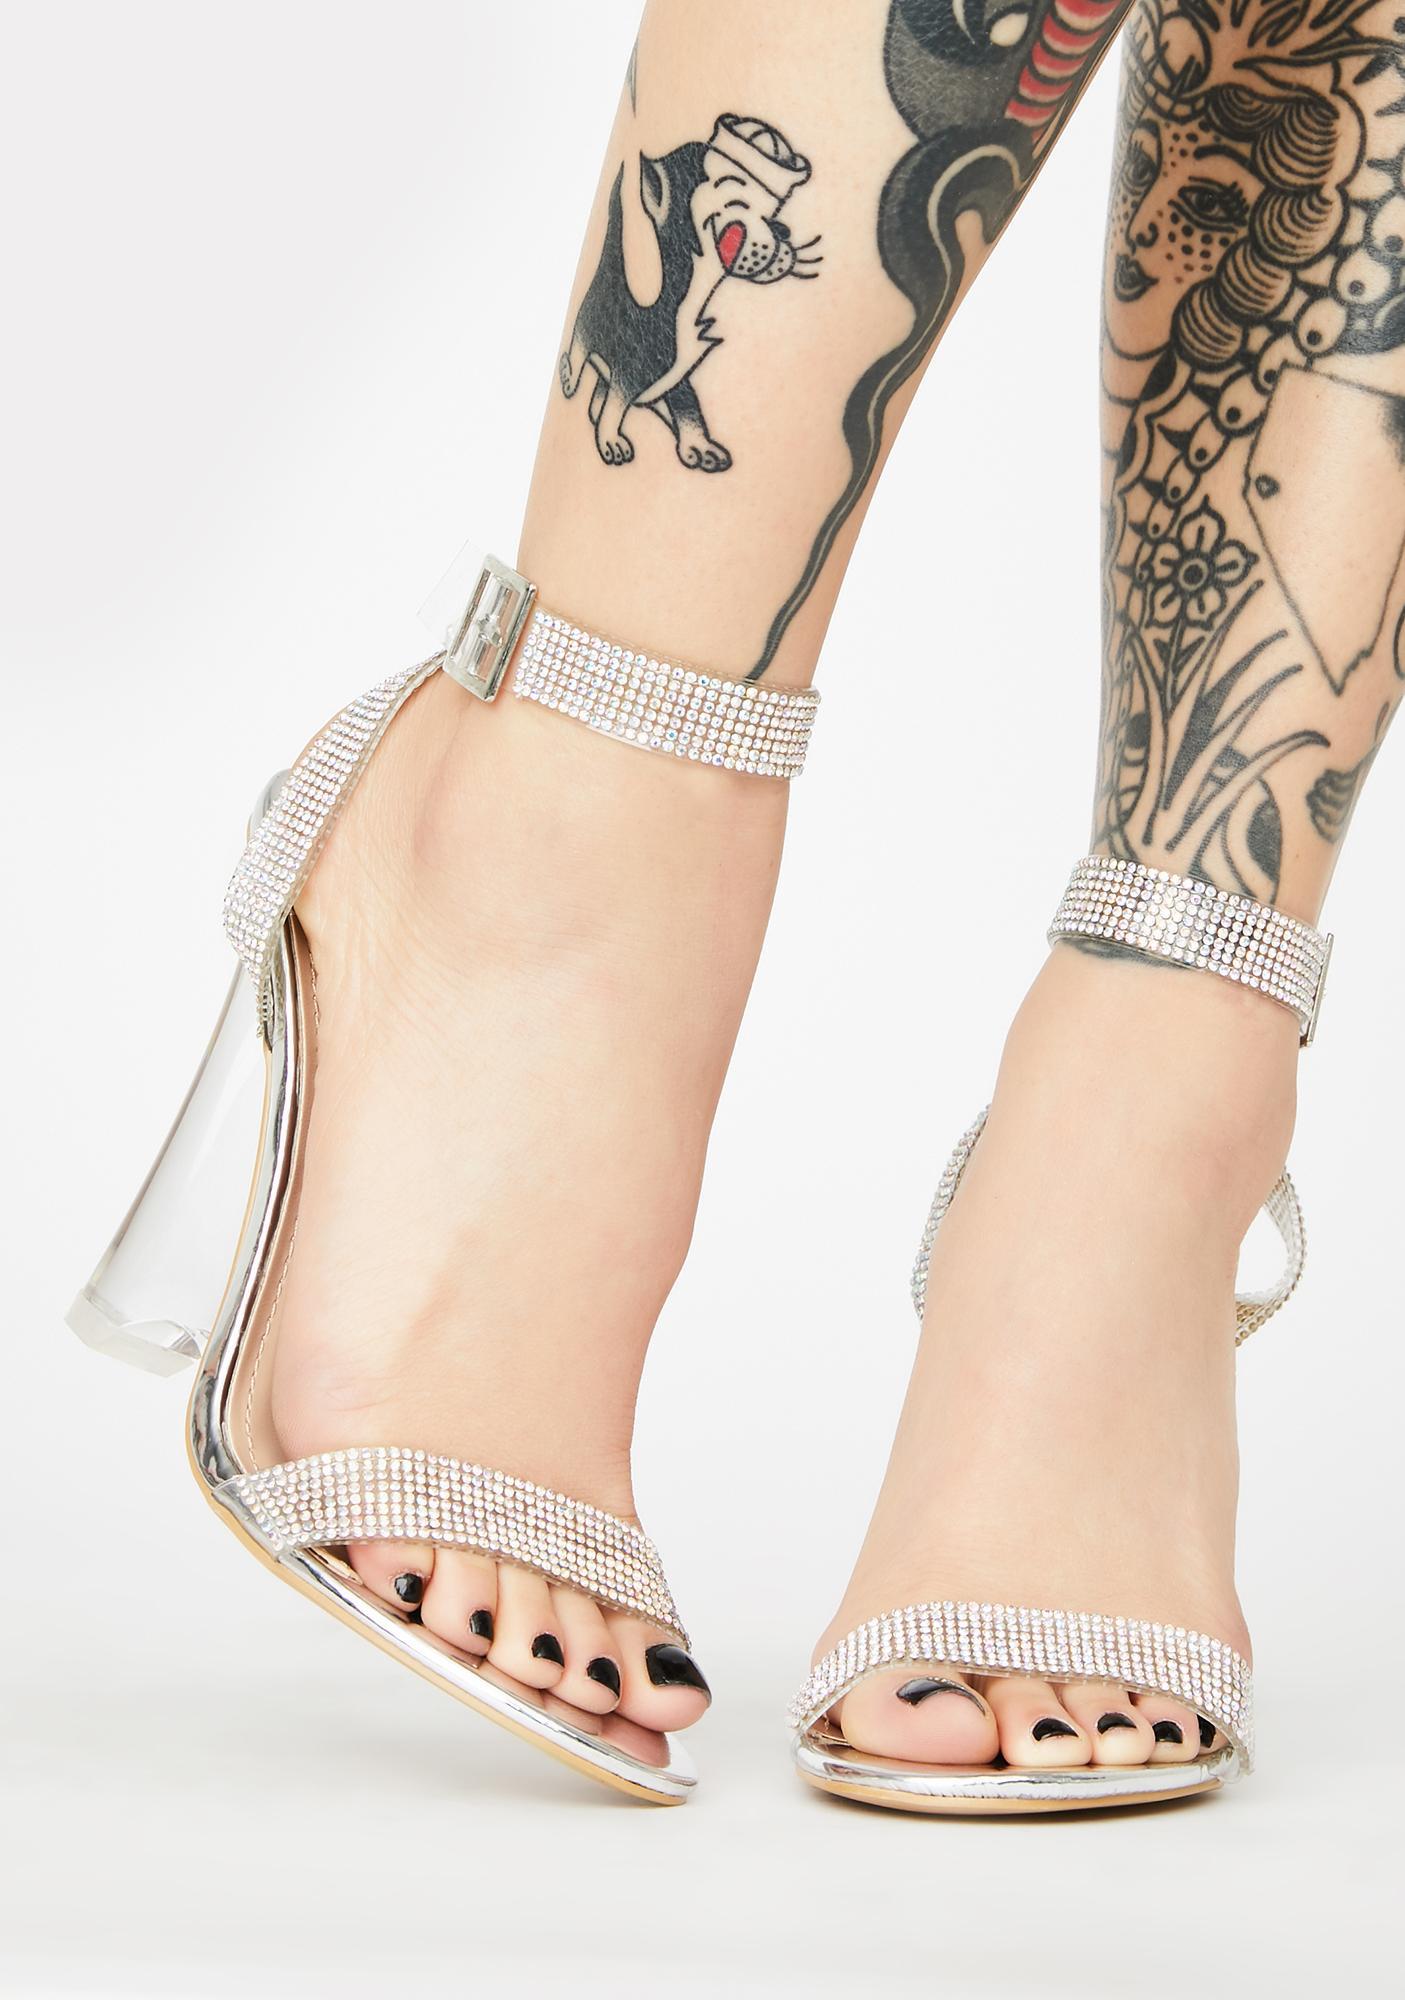 Icy Flex Rhinestone Heels